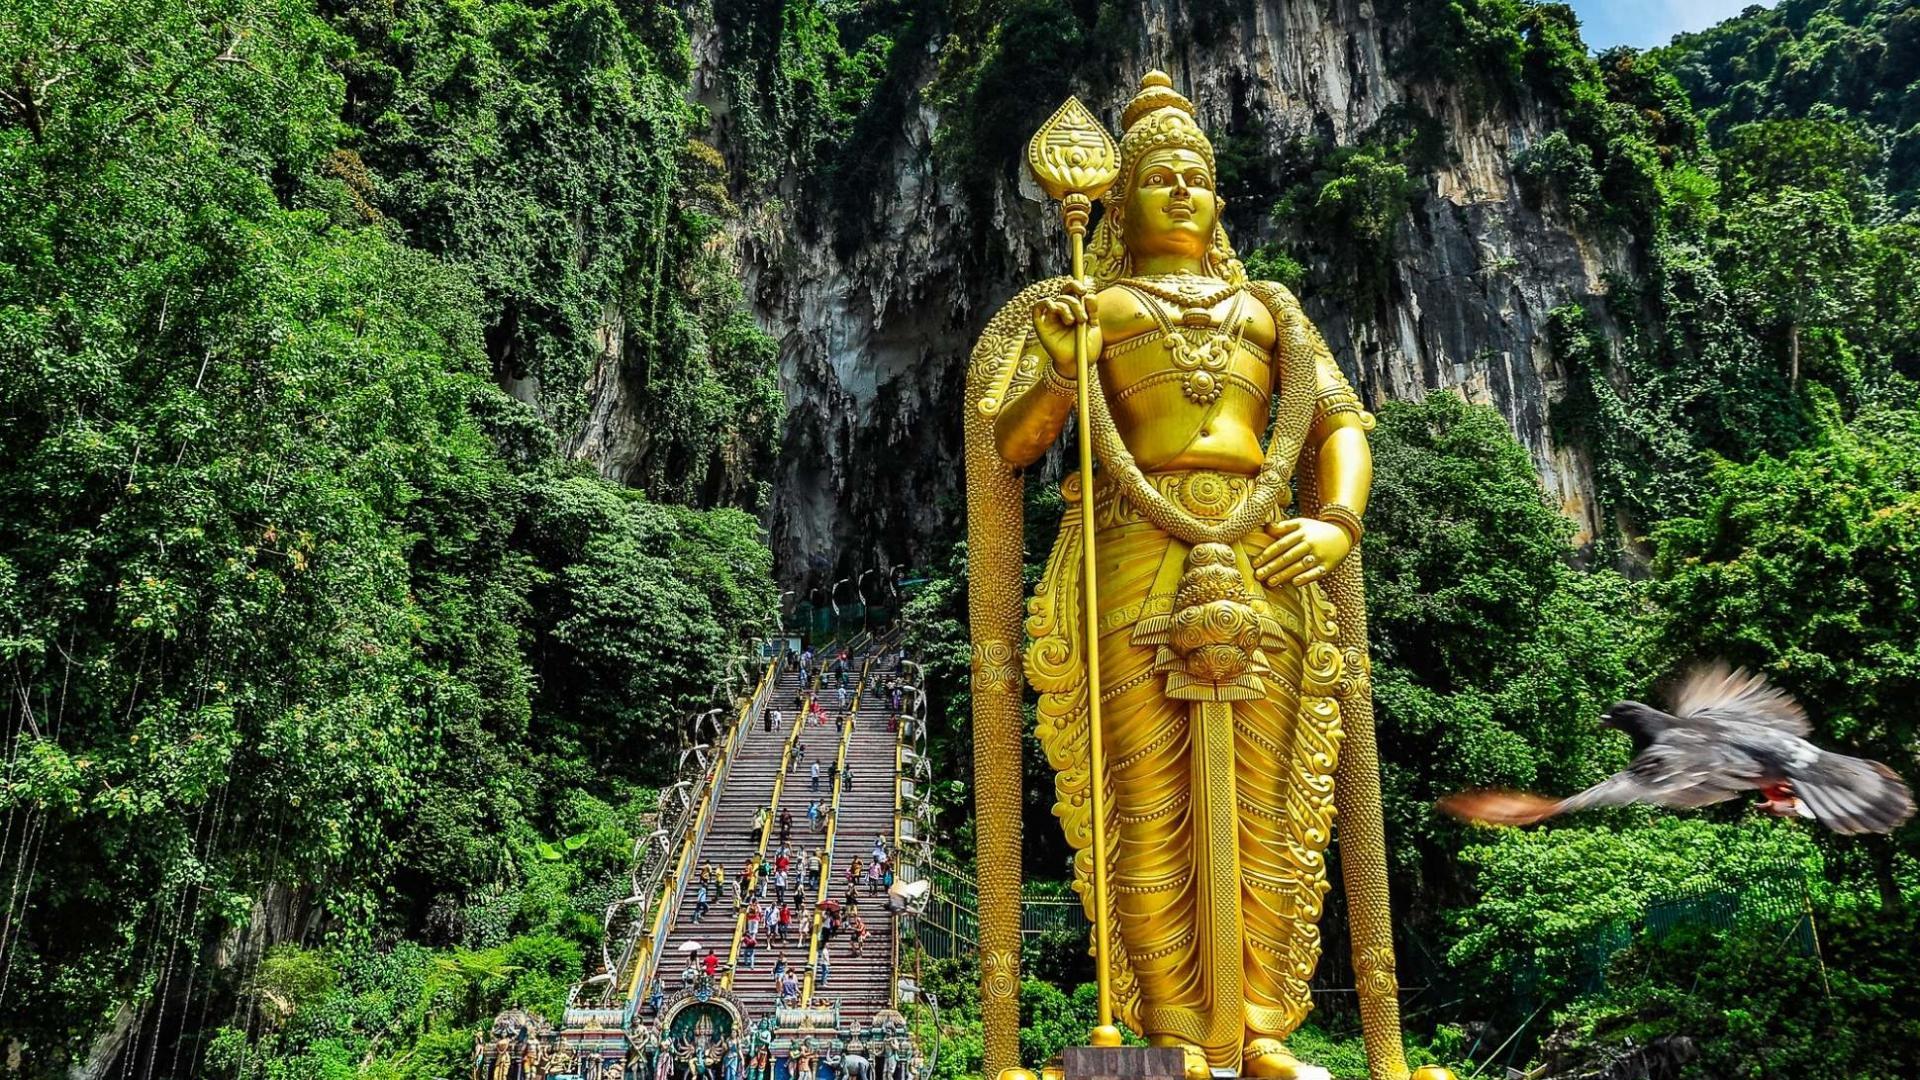 Keliaudami Malaizijoje aplankykite Batu olas